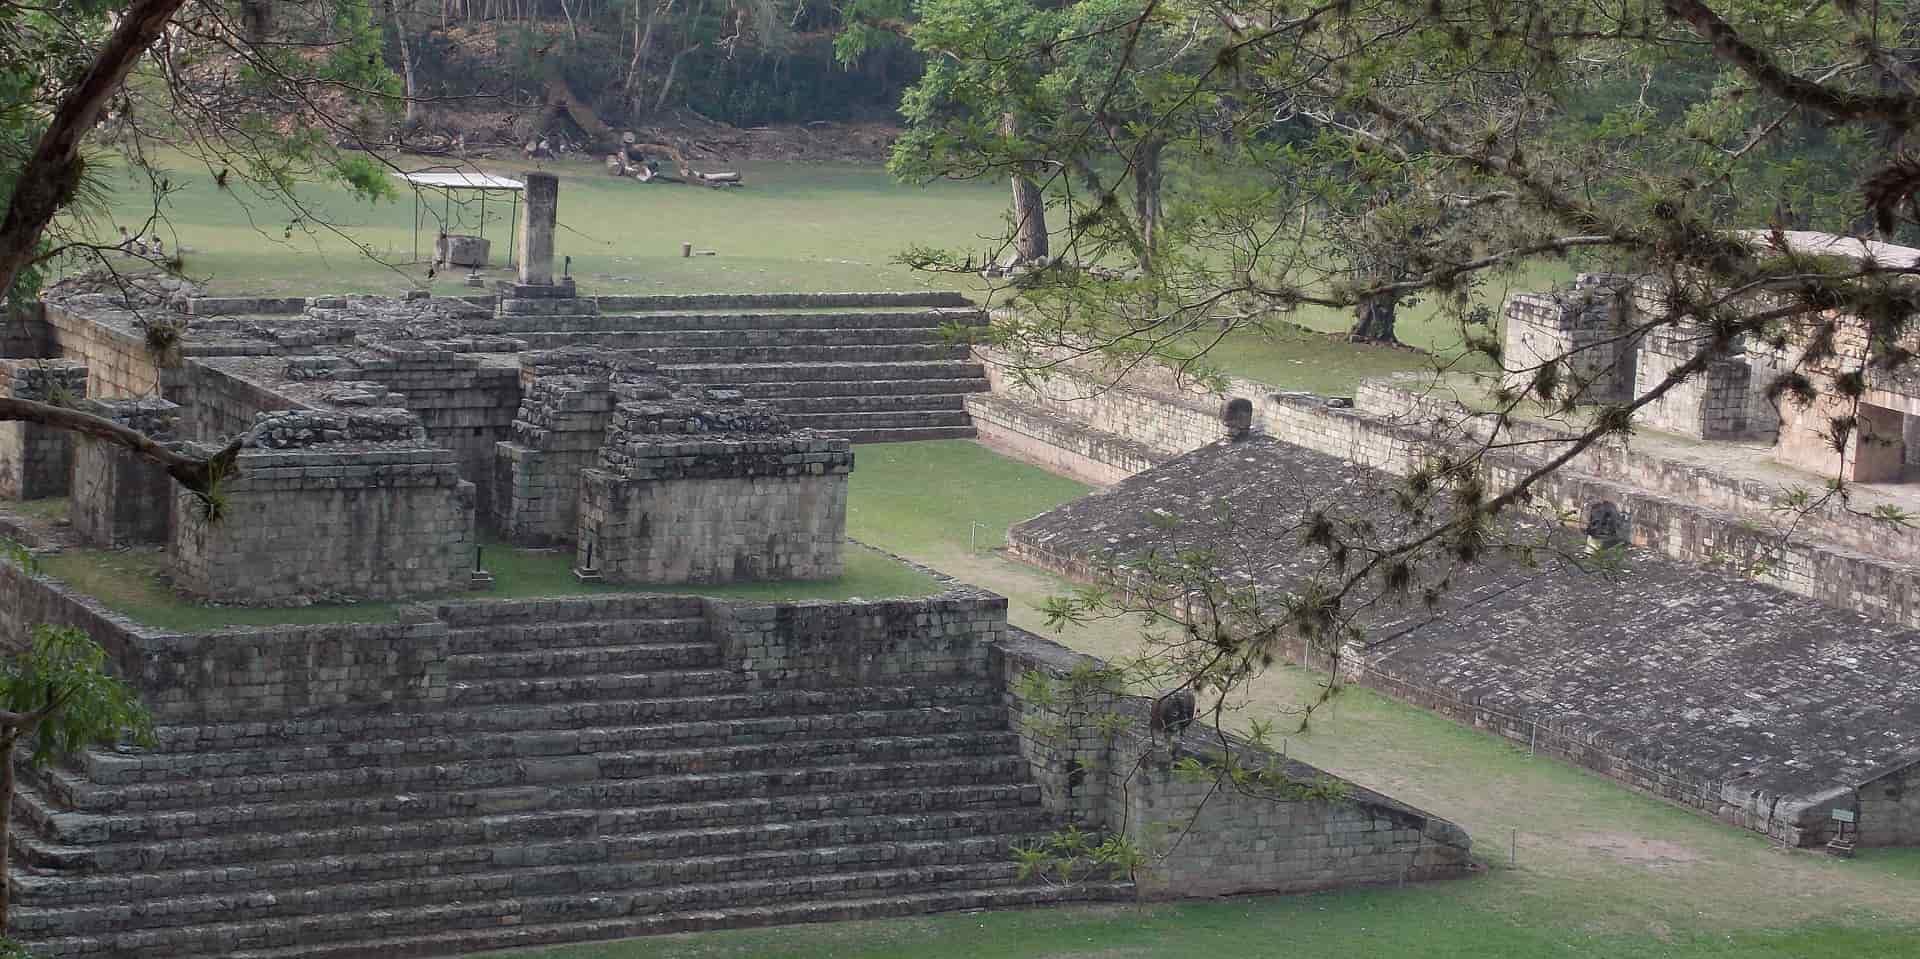 Тур в Гондурас. Археологической комплекс Копан